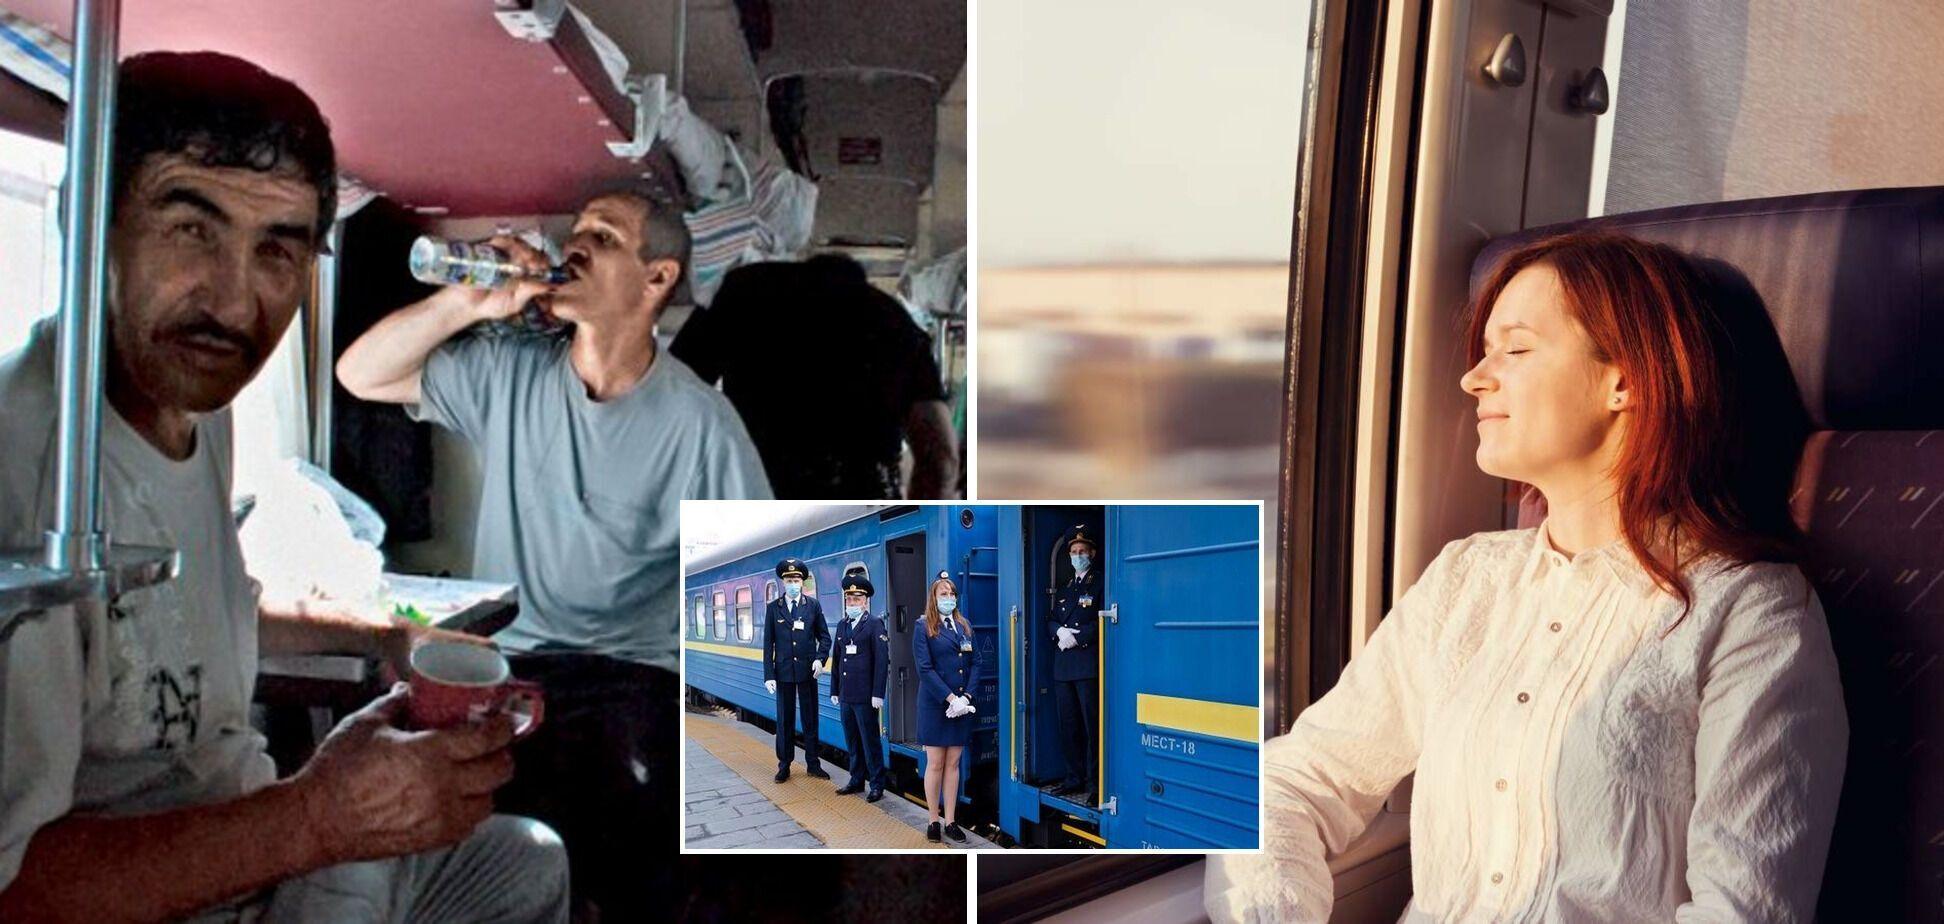 Поездки повышенного дискомфорта: решит ли Набсовет УЗ вопрос безопасности пассажиров?